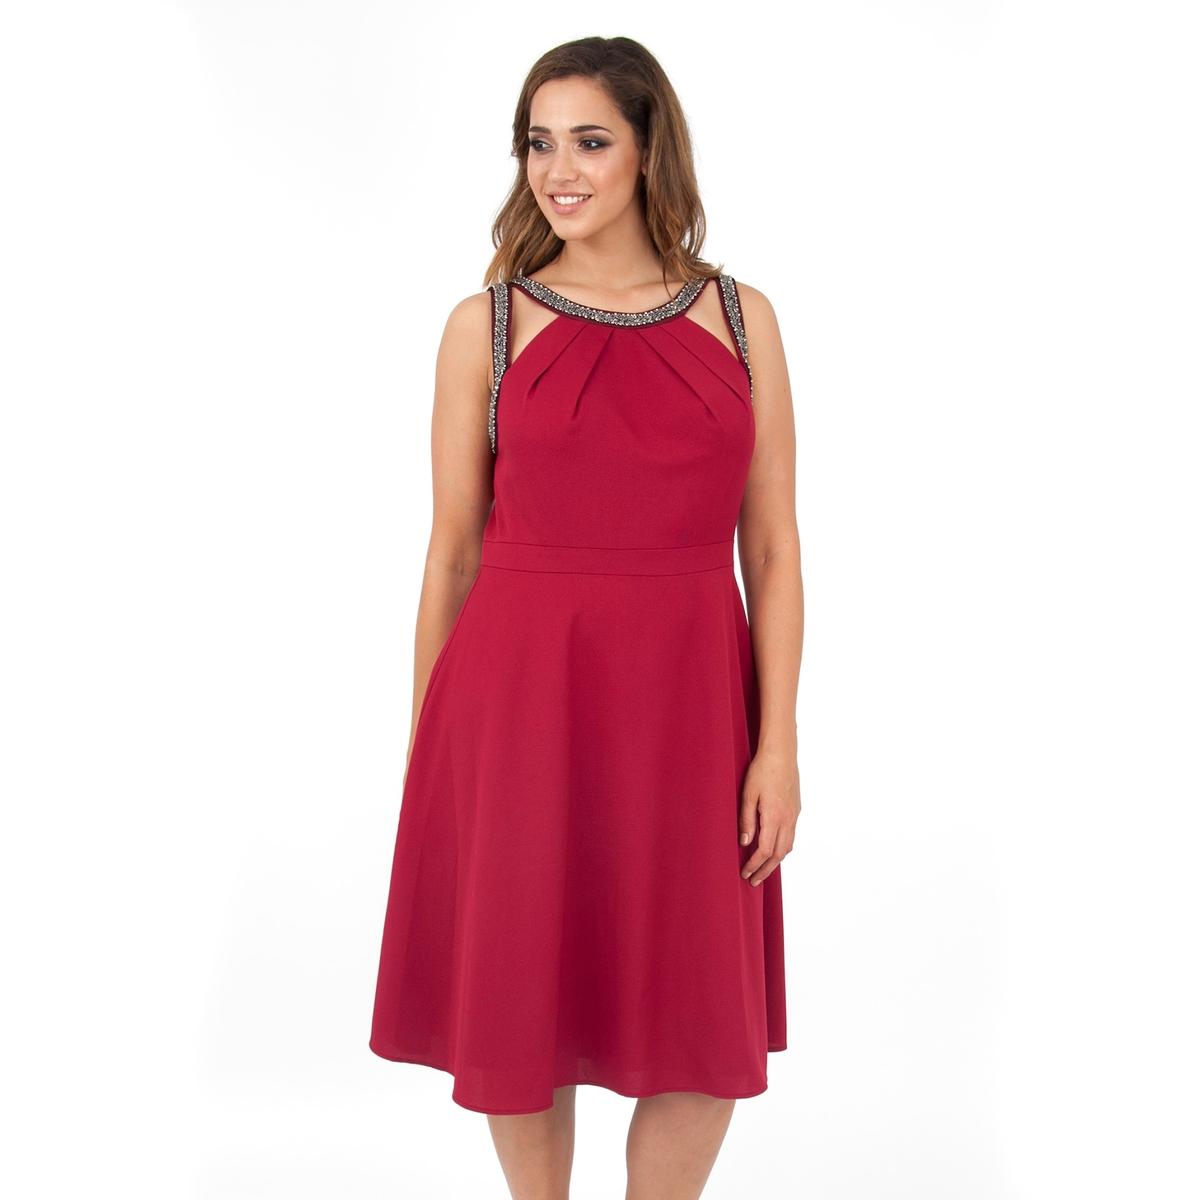 ПлатьеПлатье без рукавов - KOKO BY KOKO. Платье красивого малинового цвета. Вырез расшит бусинами спереди, V-образный вырез сзади. Длина ок.104 см. 100% полиэстера.<br><br>Цвет: бордовый<br>Размер: 54/56 (FR) - 60/62 (RUS).58/60 (FR) - 64/66 (RUS)